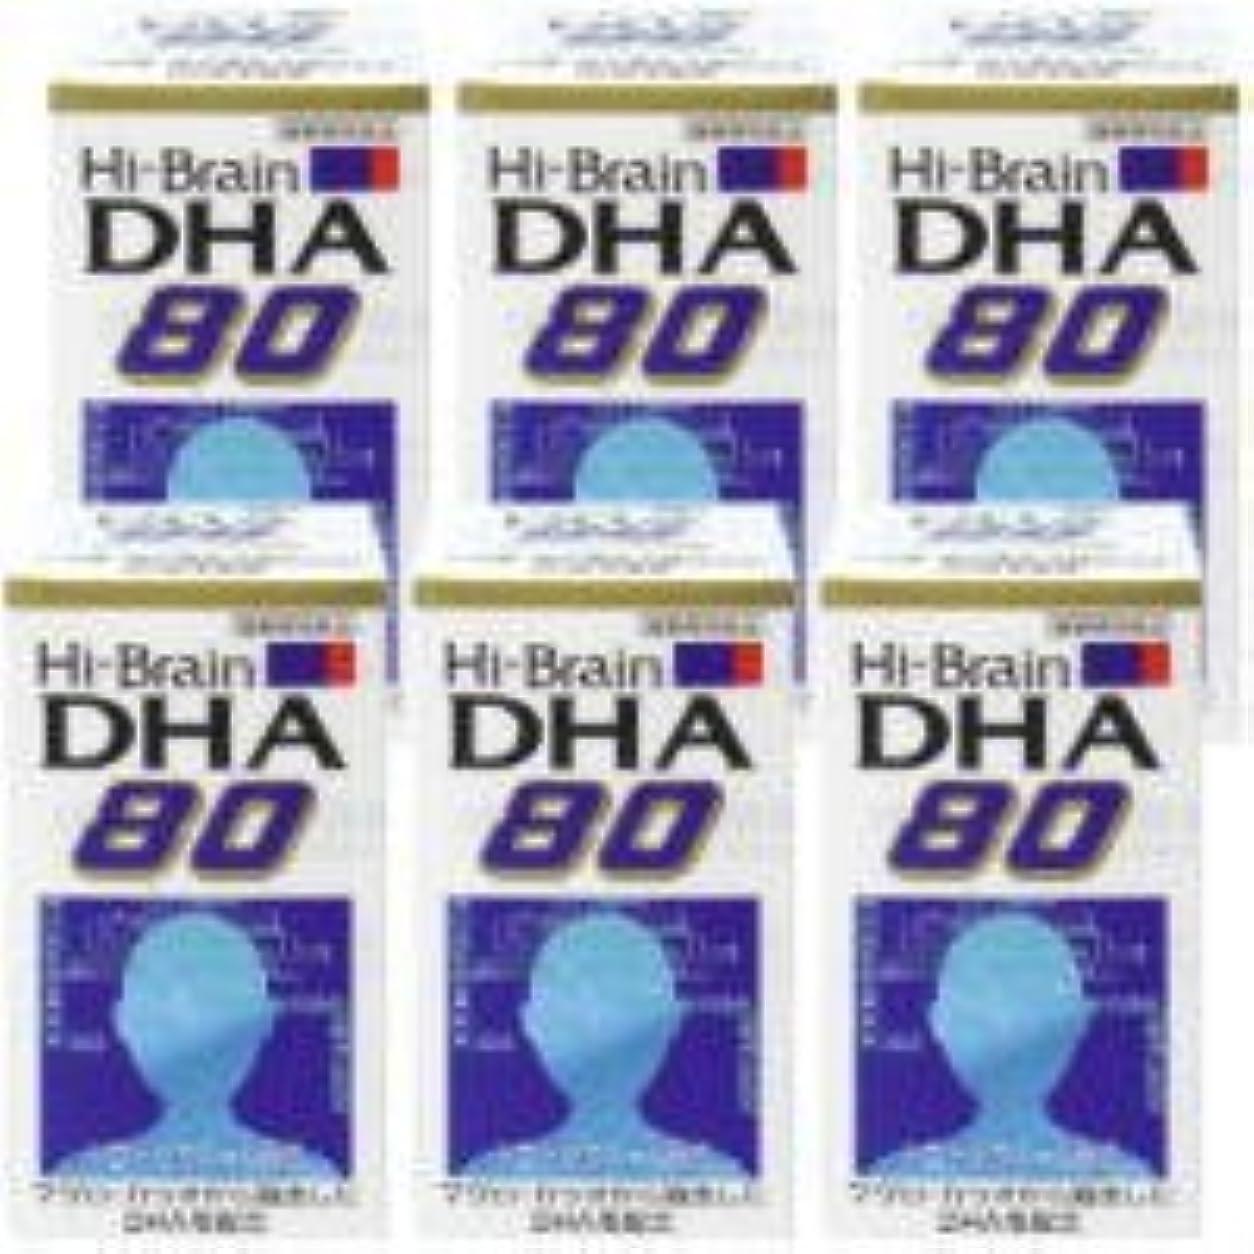 ホステスわずらわしいピンクハイブレーンDHA80 6個